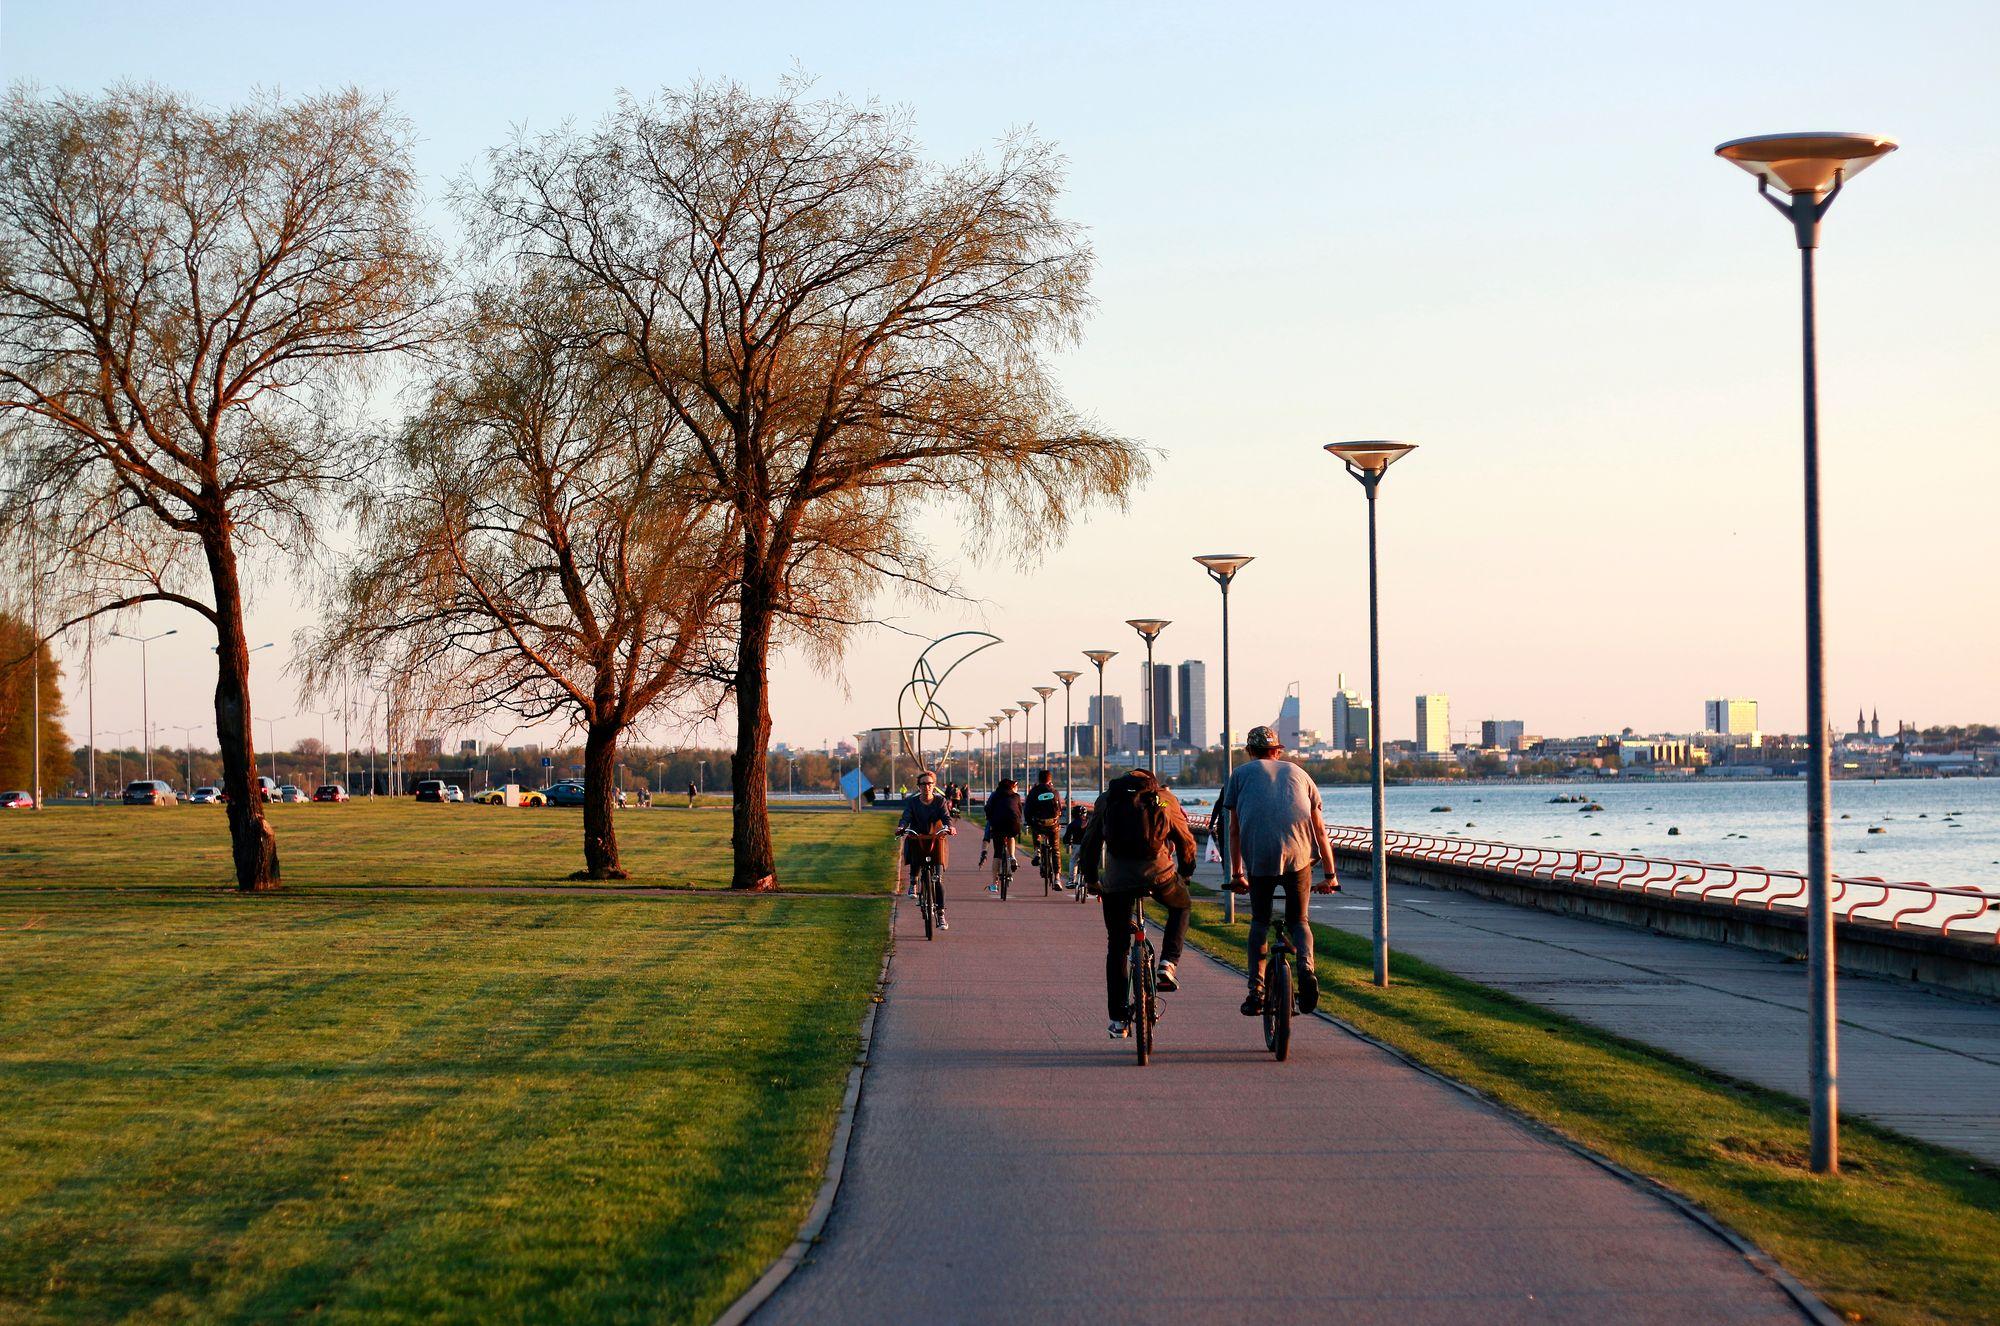 Tallinnan asukkaita on rohkaistu muihin liikkumistapoihin kevyen liikenteen väylien lisäämisellä ja maksuttomalla joukkoliikenteellä. © Visit Estonia